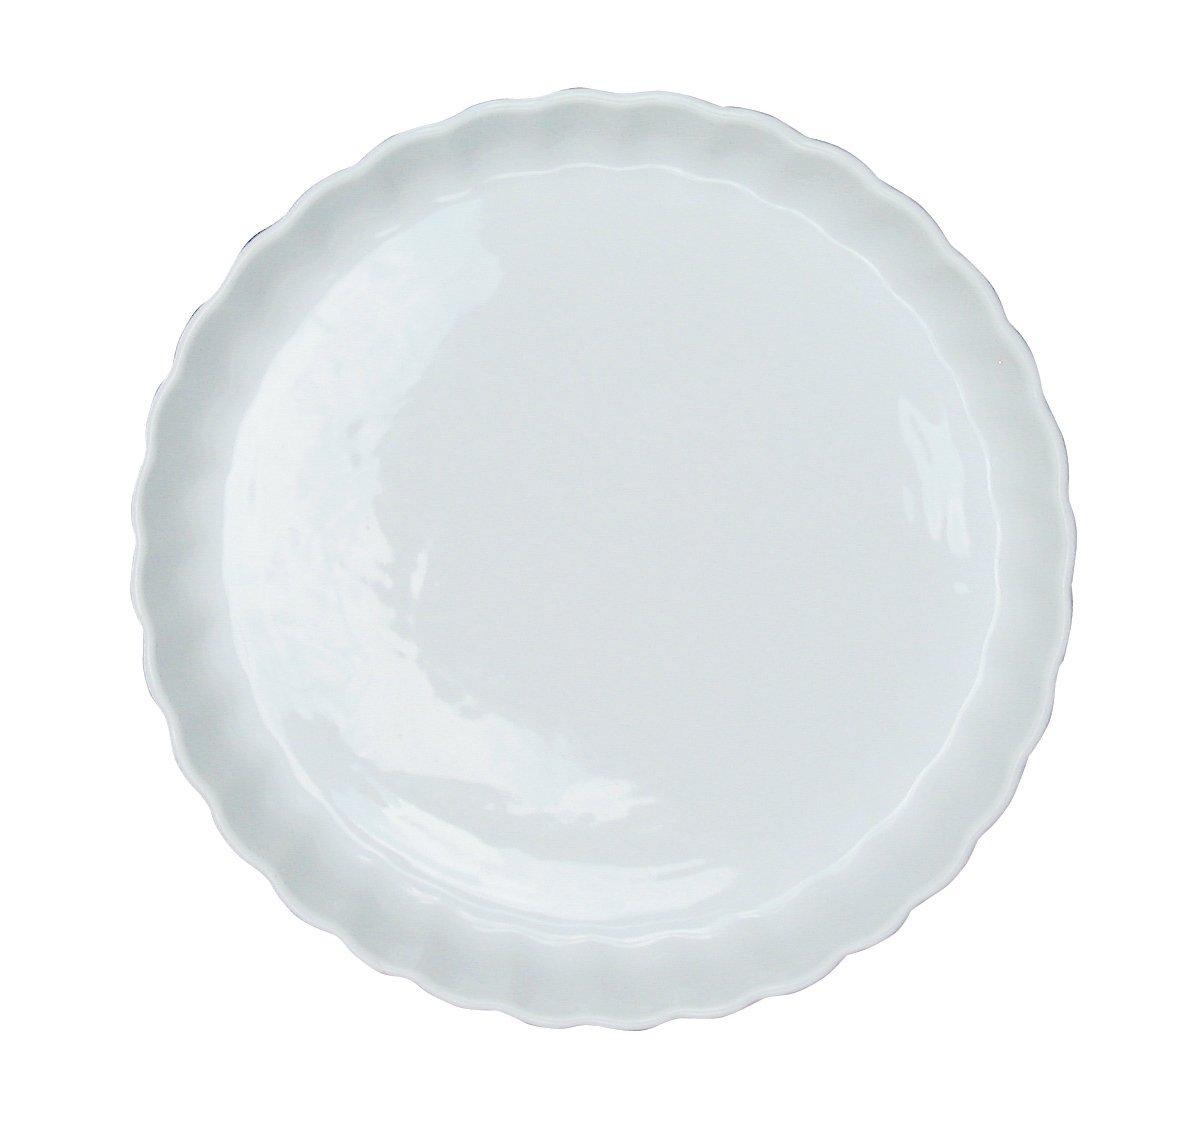 Round Fluted Ceramic Flan Dish, Pie Dish, Quiche Dish 290mm @ Chabrias Ltd